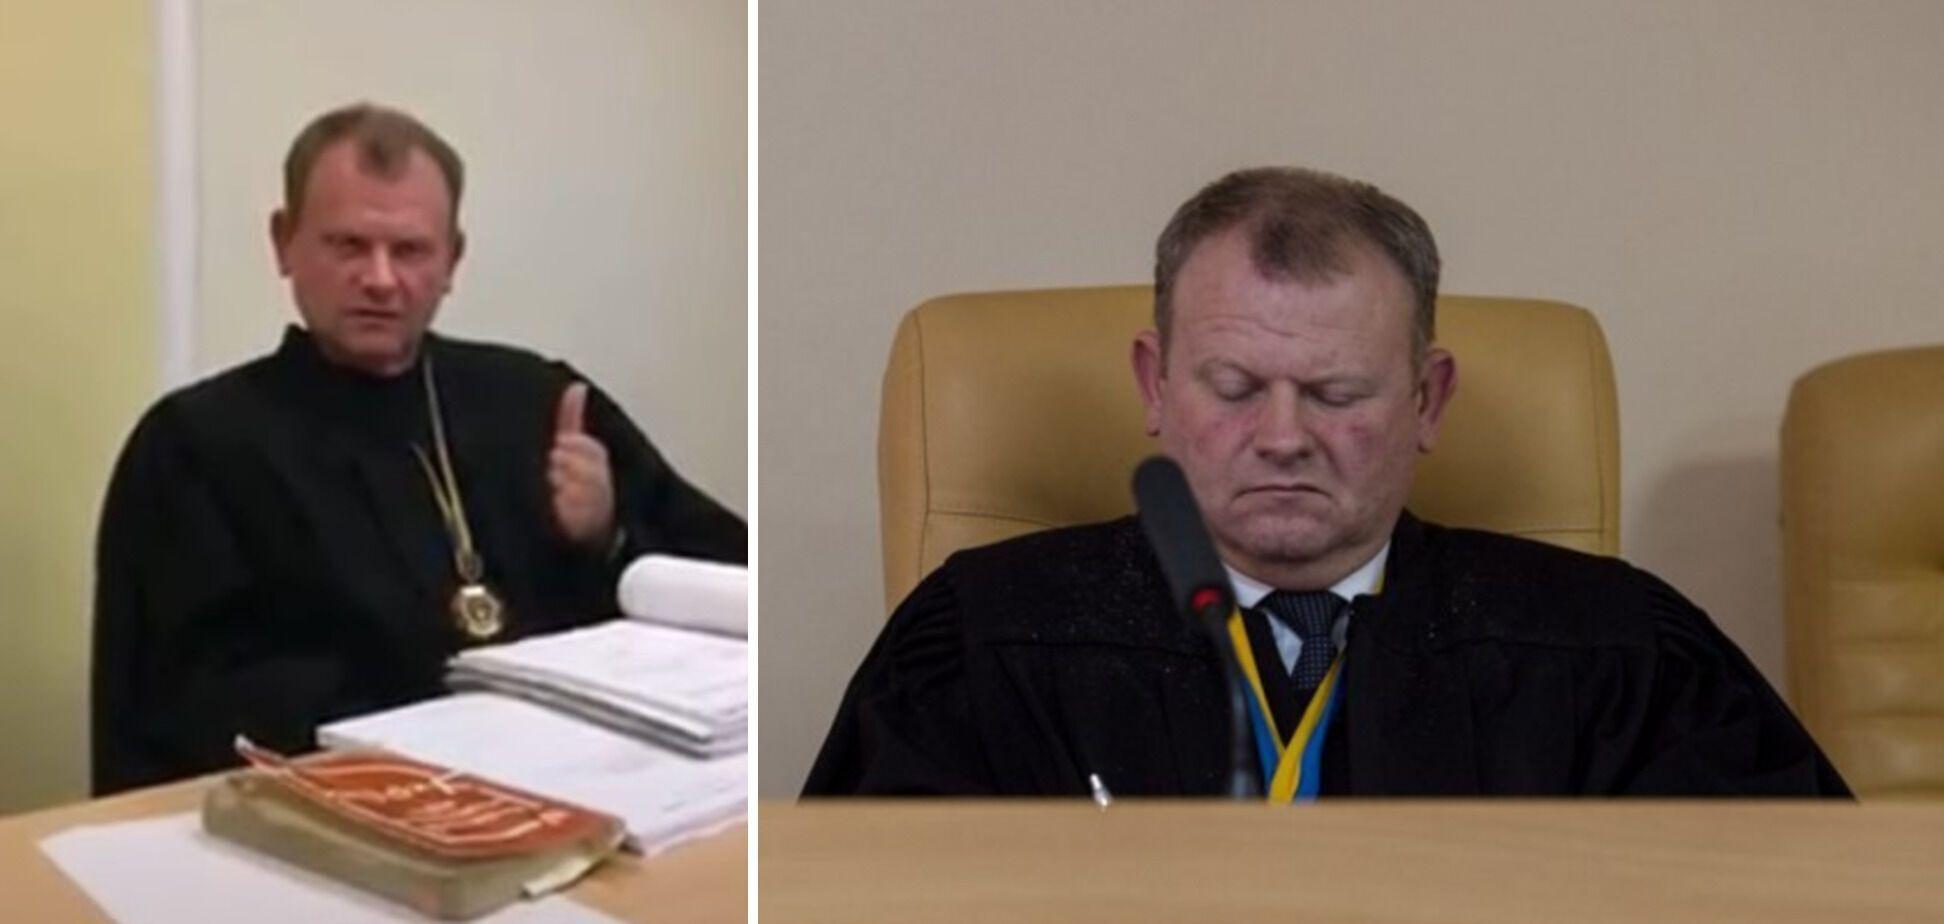 Віталій Писанець був суддею Печерського райсуду Києва